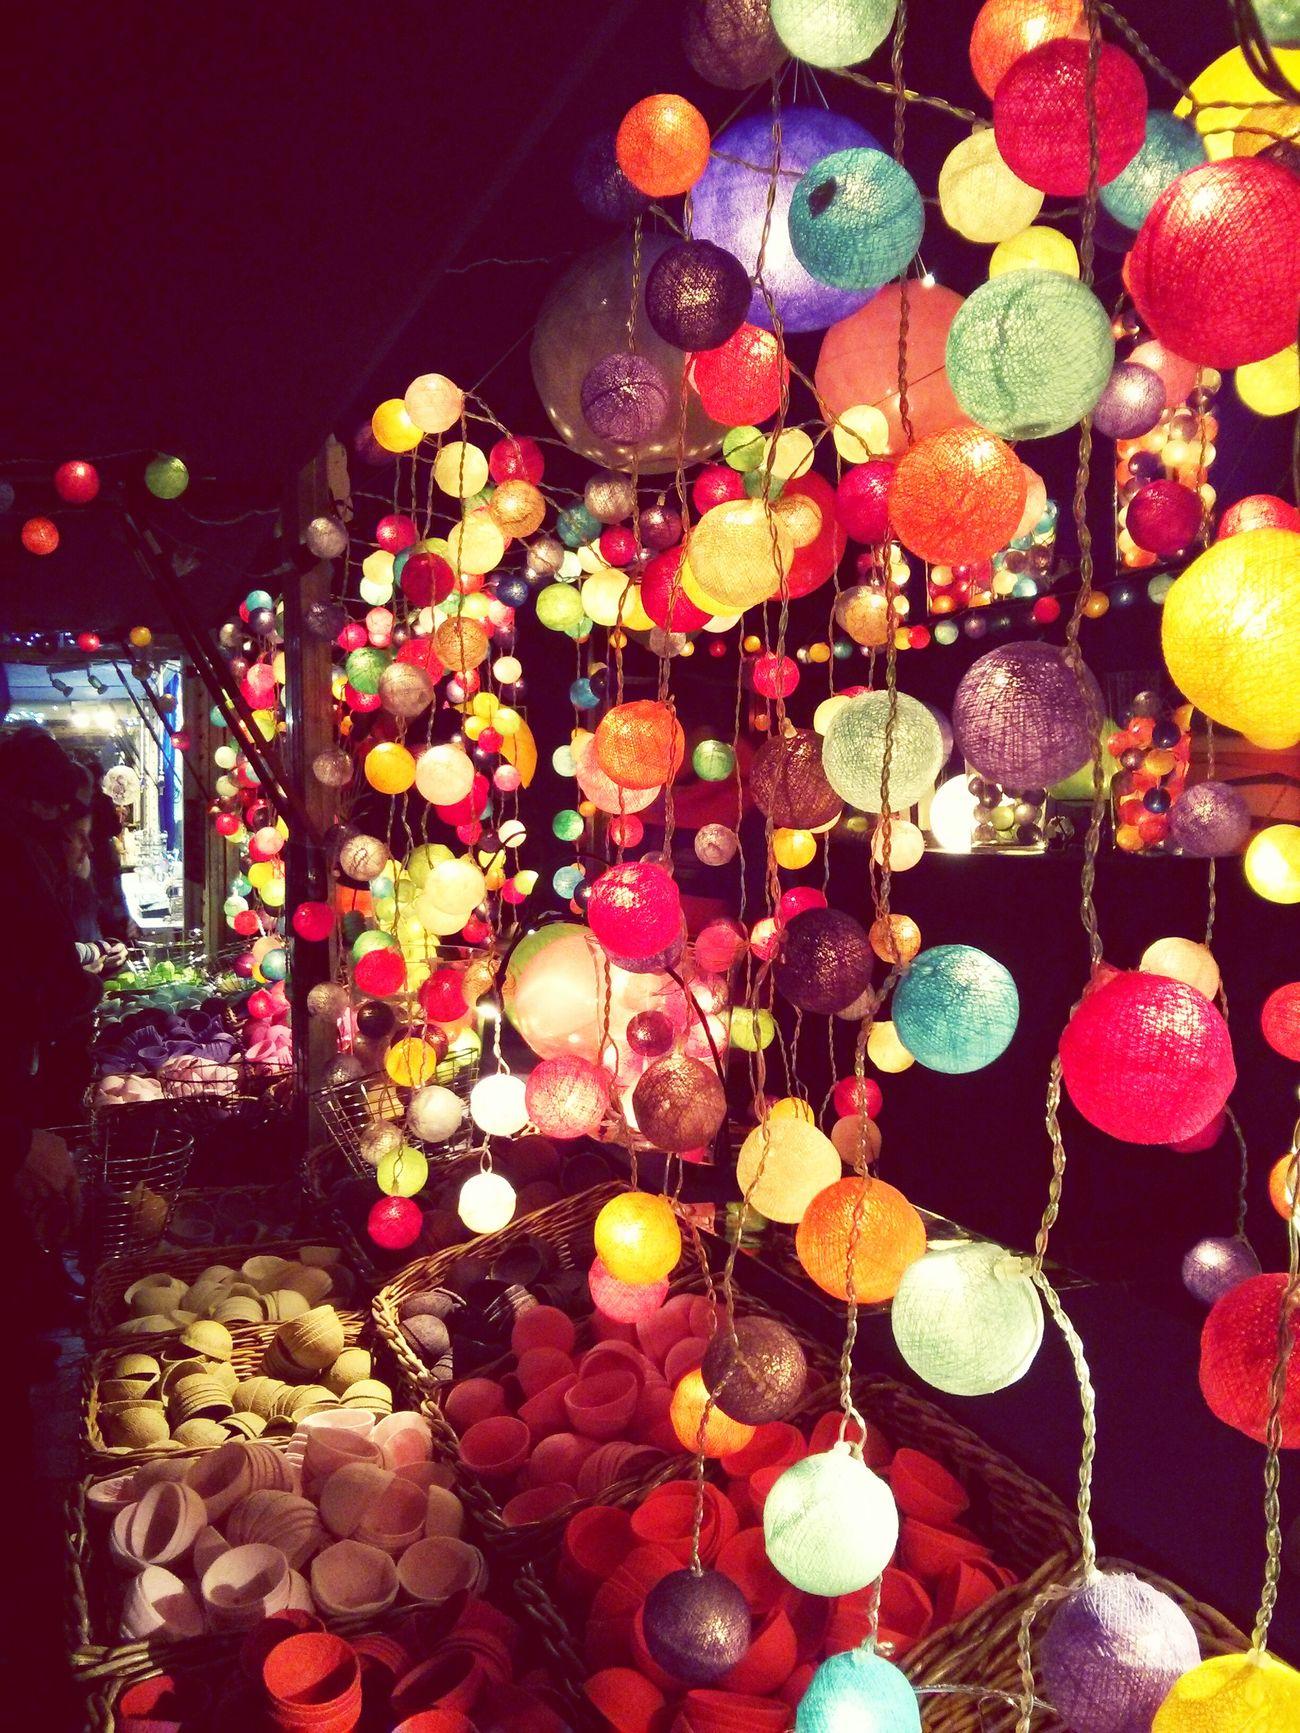 Place Du Capitole Toulouse France Christmas Lights Lemarchedenoel 2014 Beautiful Colorful Souvenirs Nexus4